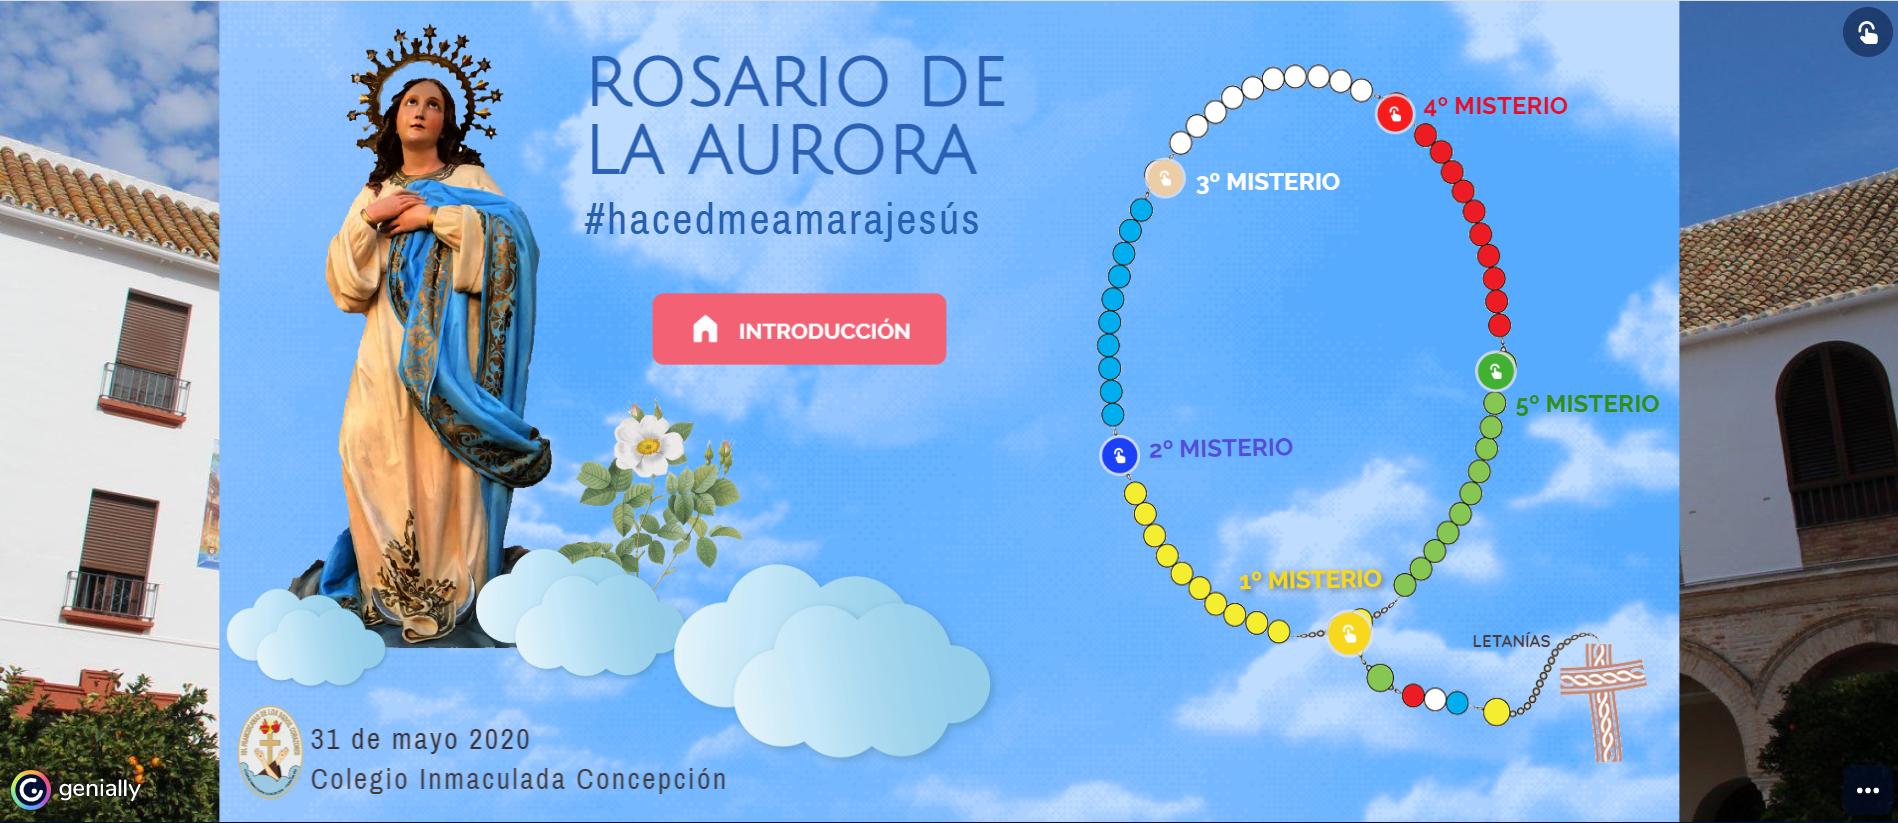 Rosario de la Aurora 2020